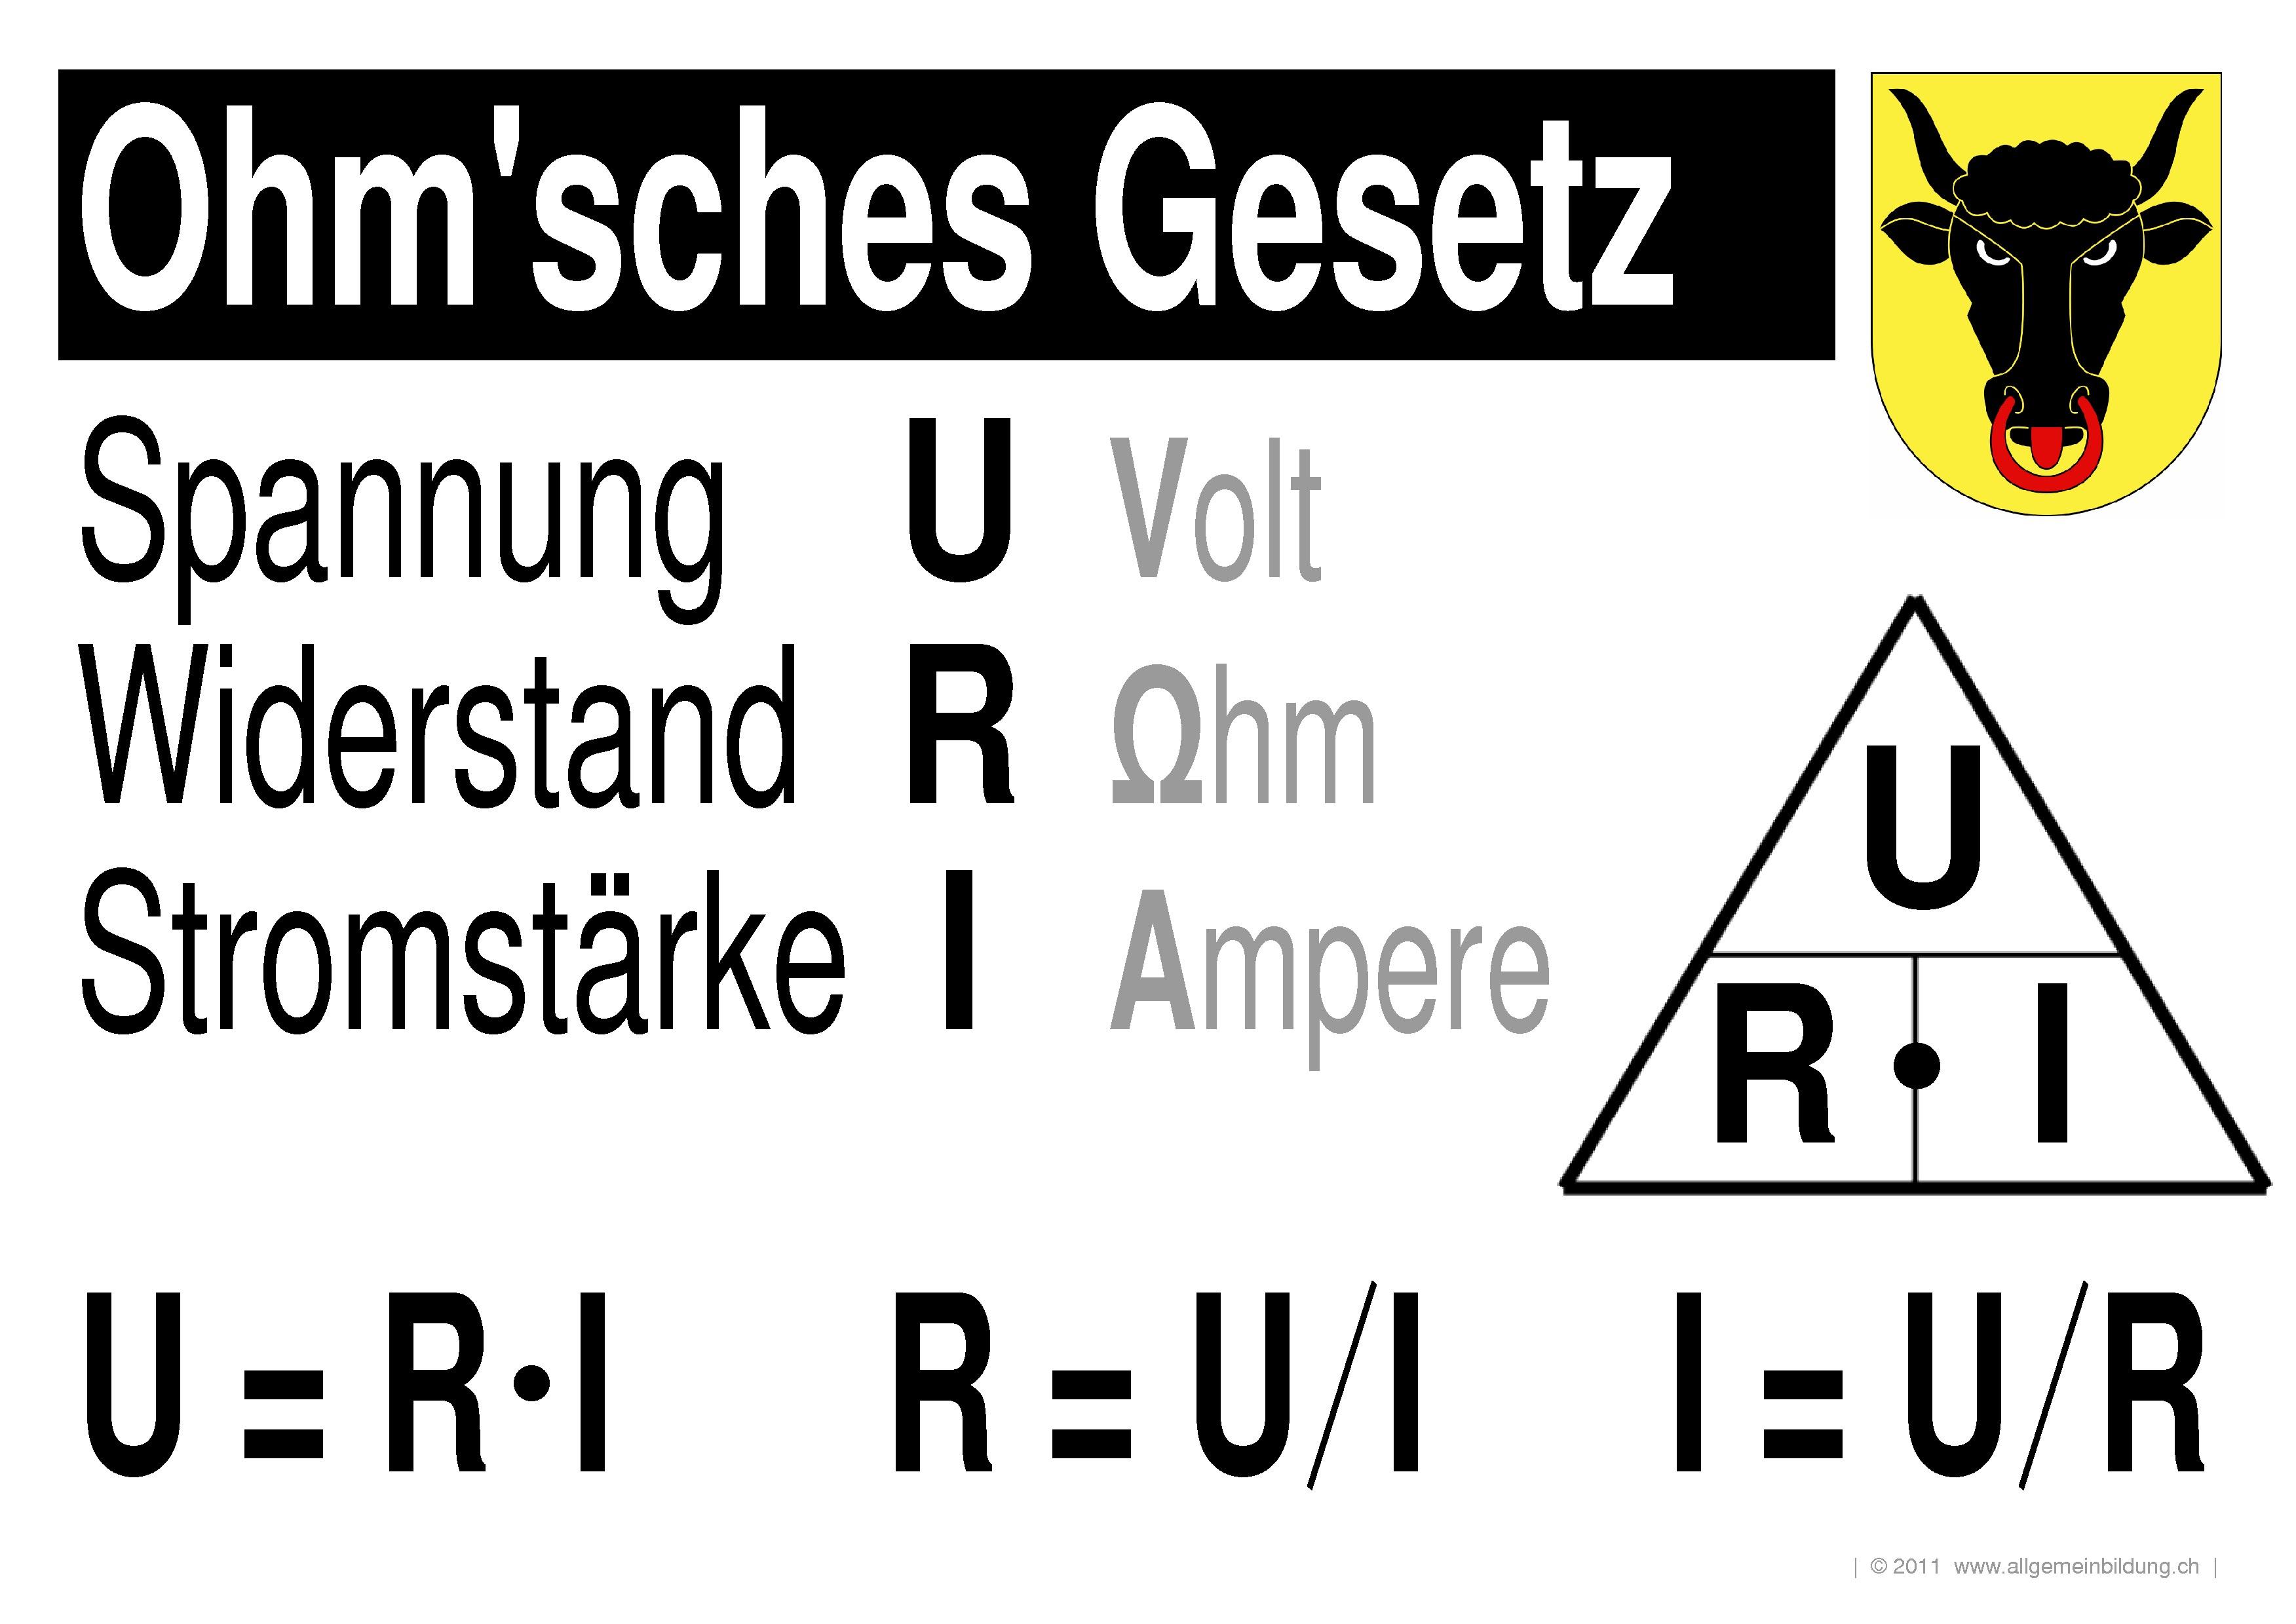 Physik lernplakate wissensposter ohm 39 sches gesetz 8500 for Larmbelastigung gesetz schweiz